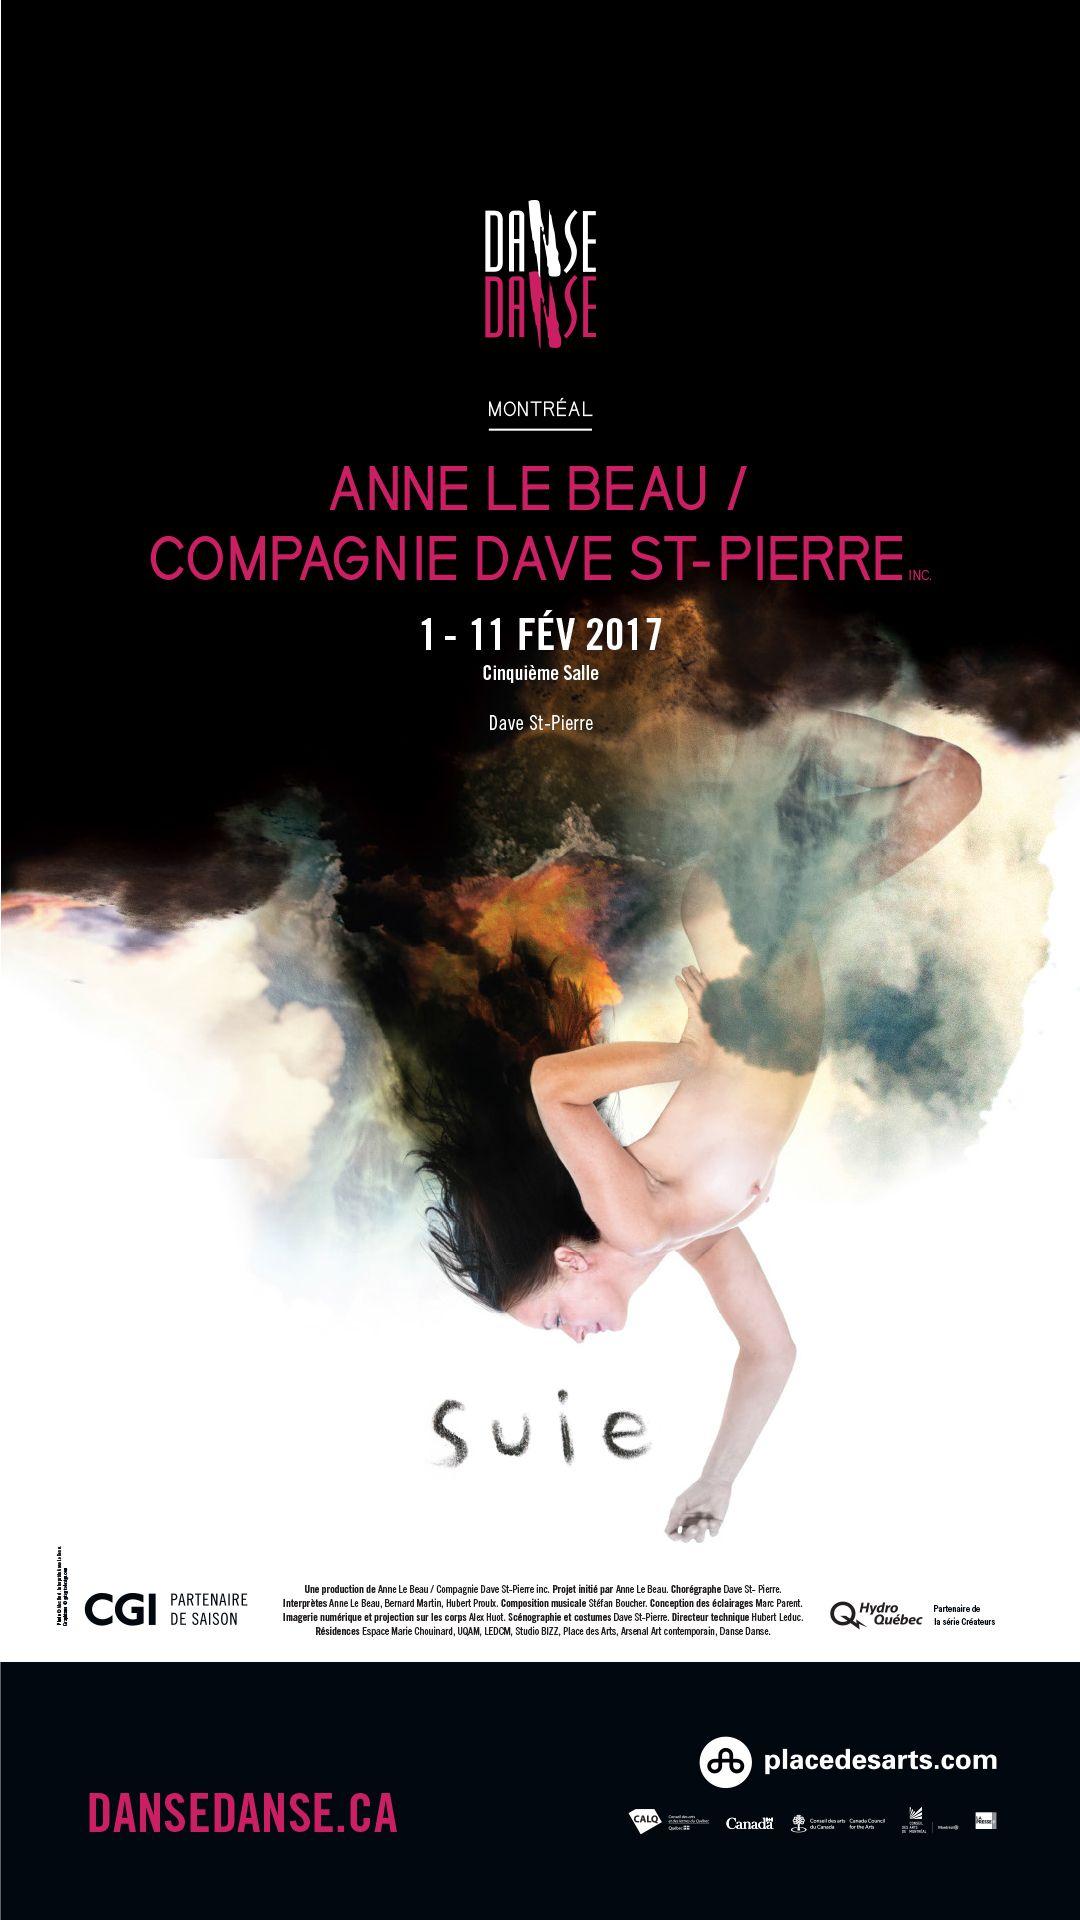 L'impétueux Dave St Pierre et Anne Le Beau s'inspirent de